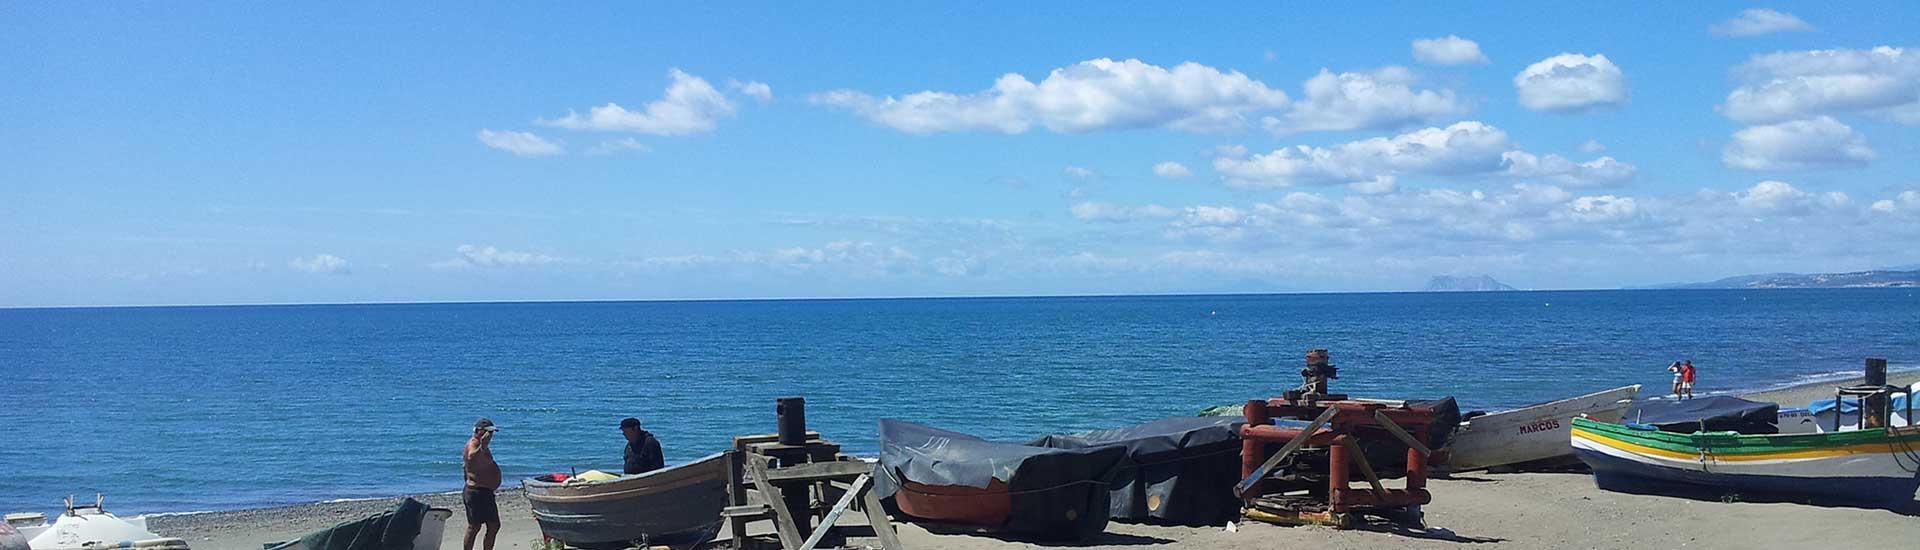 Estepona Costa del Sol